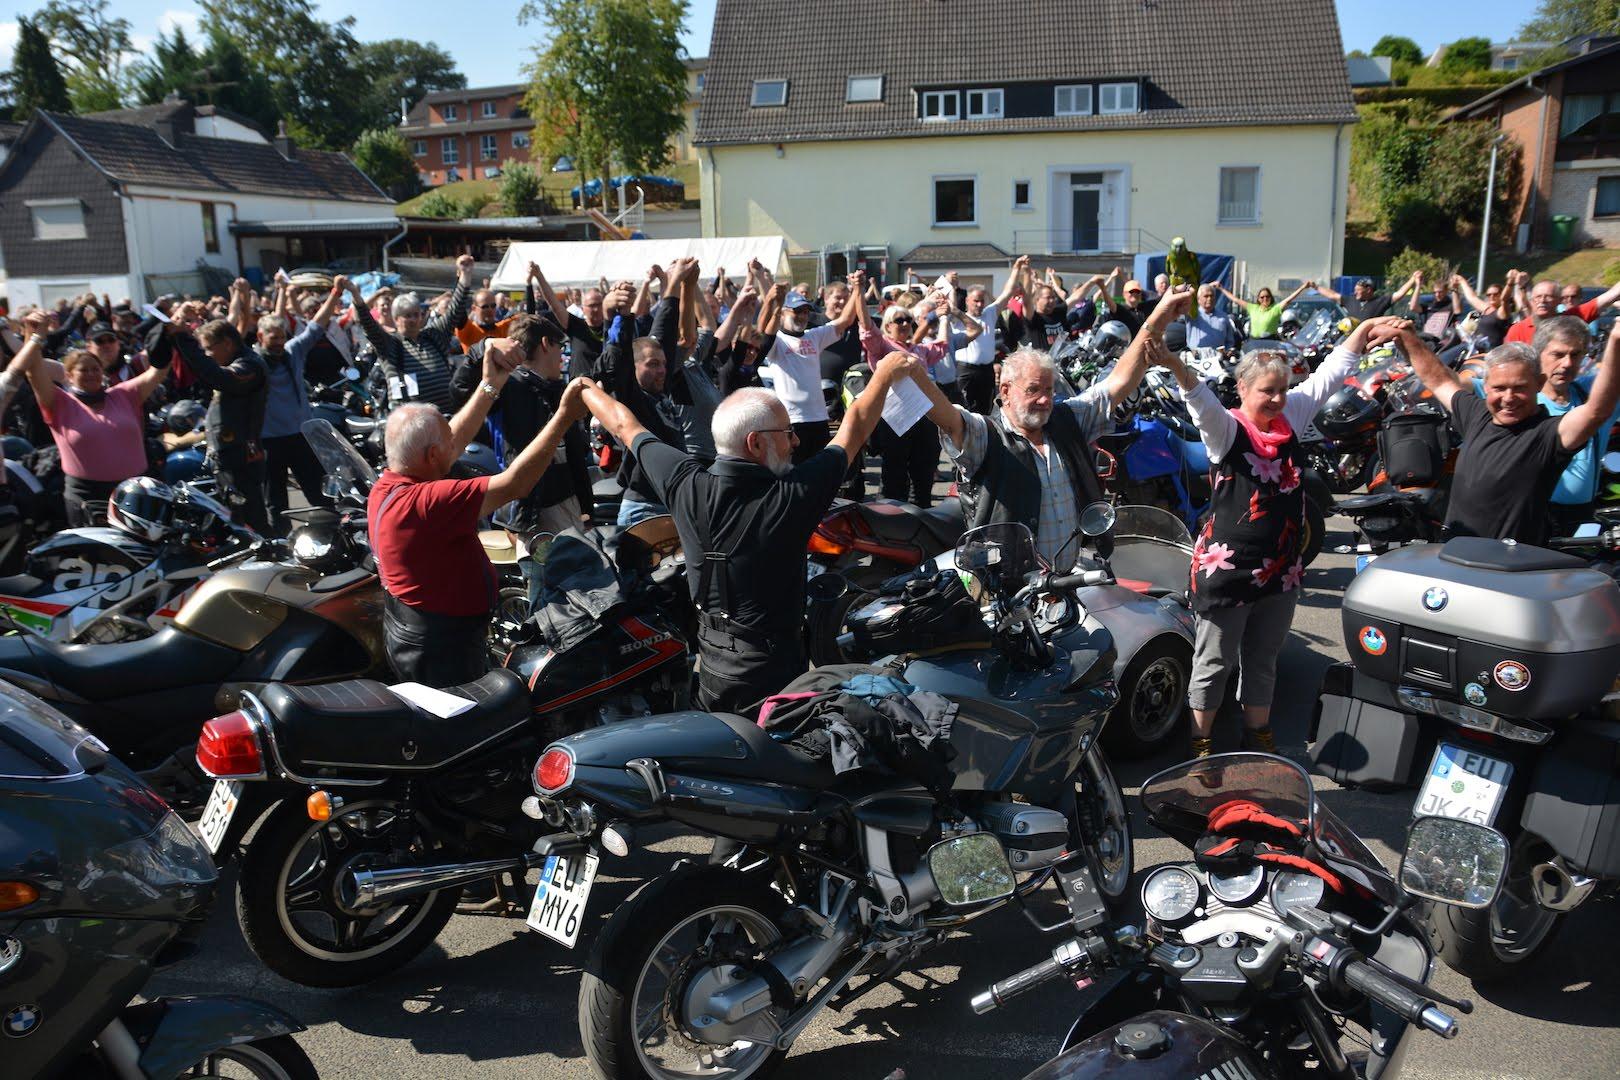 Bilder - Motorradgottesdienst - Breitenbenden -Gottesdienst_Spirit